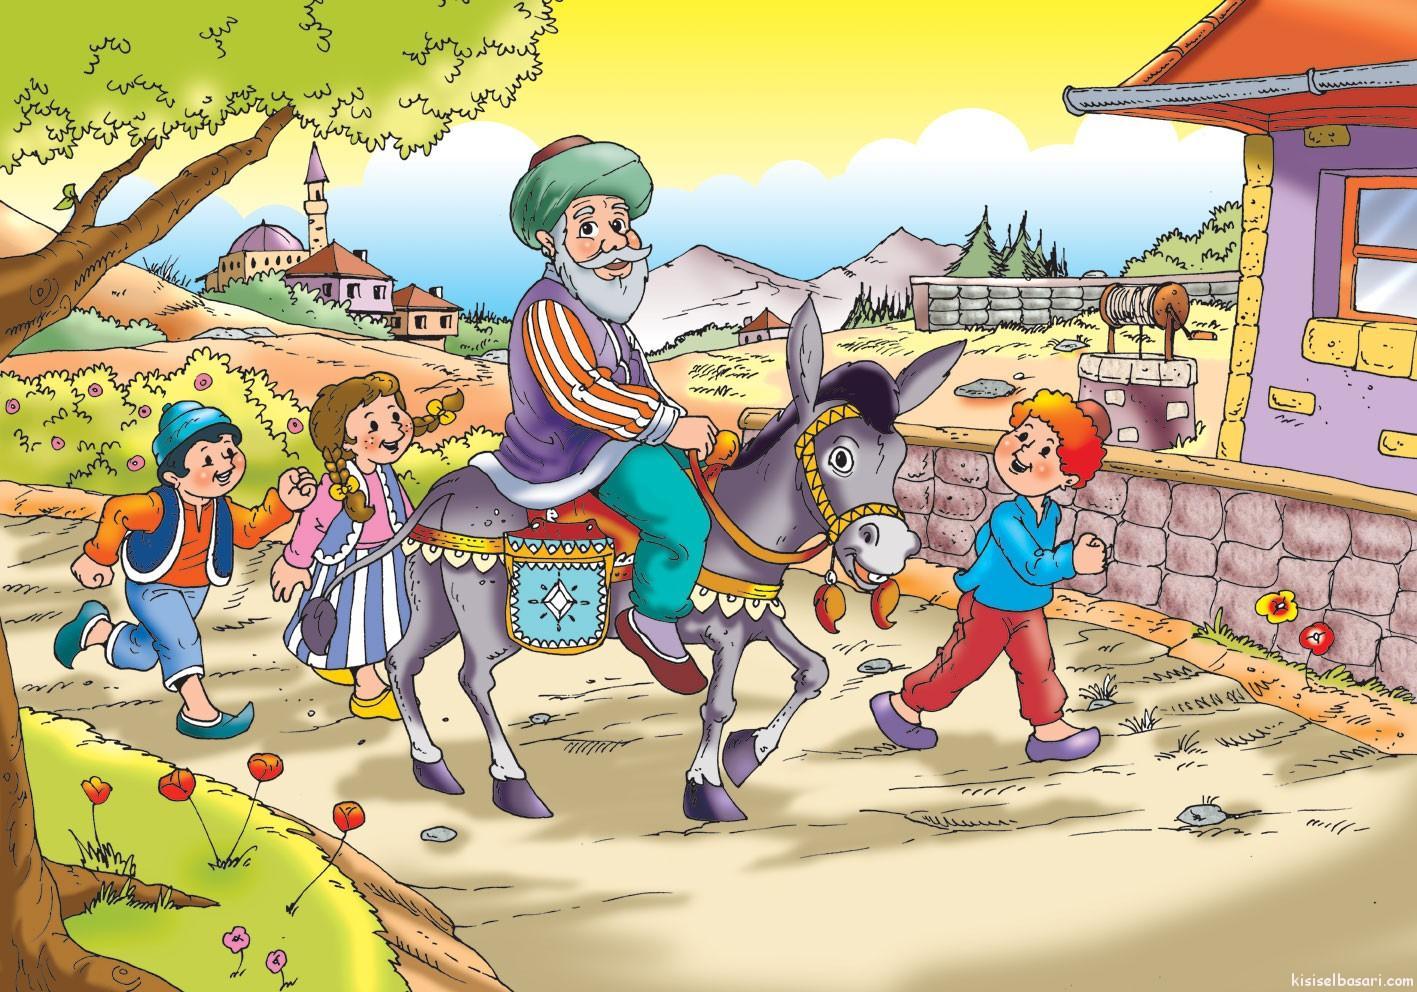 Halk Kahramanı Olarak Bilinen Nasreddin Hocanın Herkes Tarafından